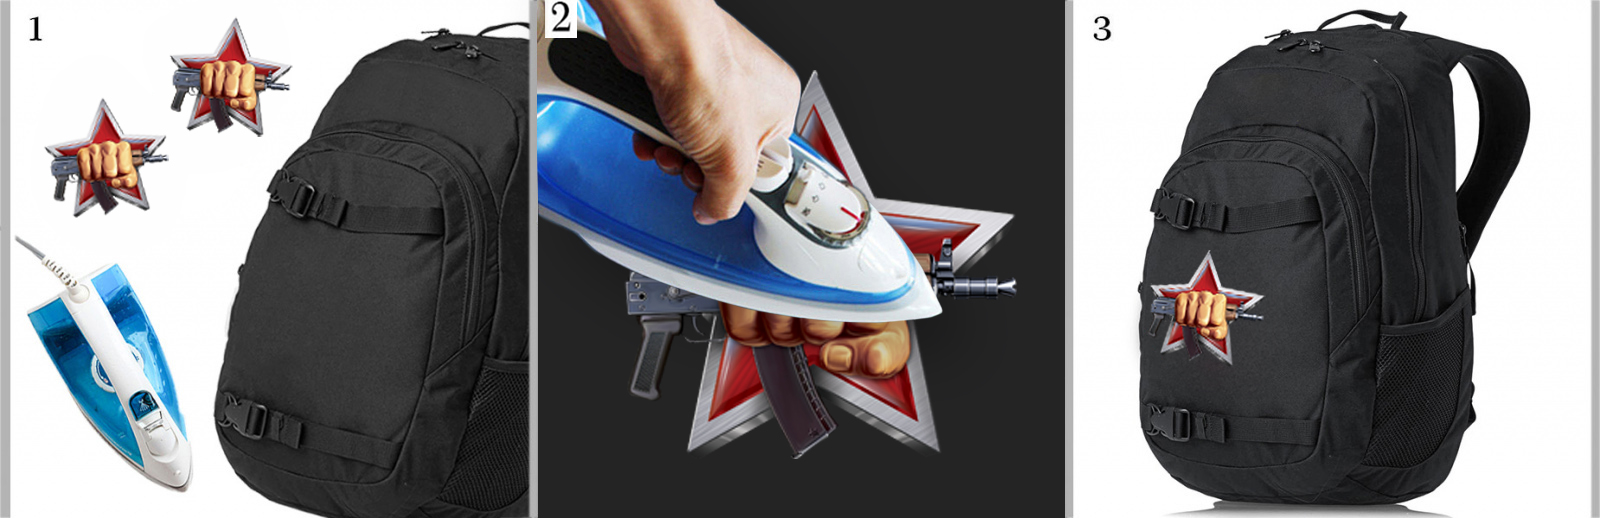 Хитовая наклейка-термотрансфер на футболку Спецназ ВВ РФ - заказать выгодно